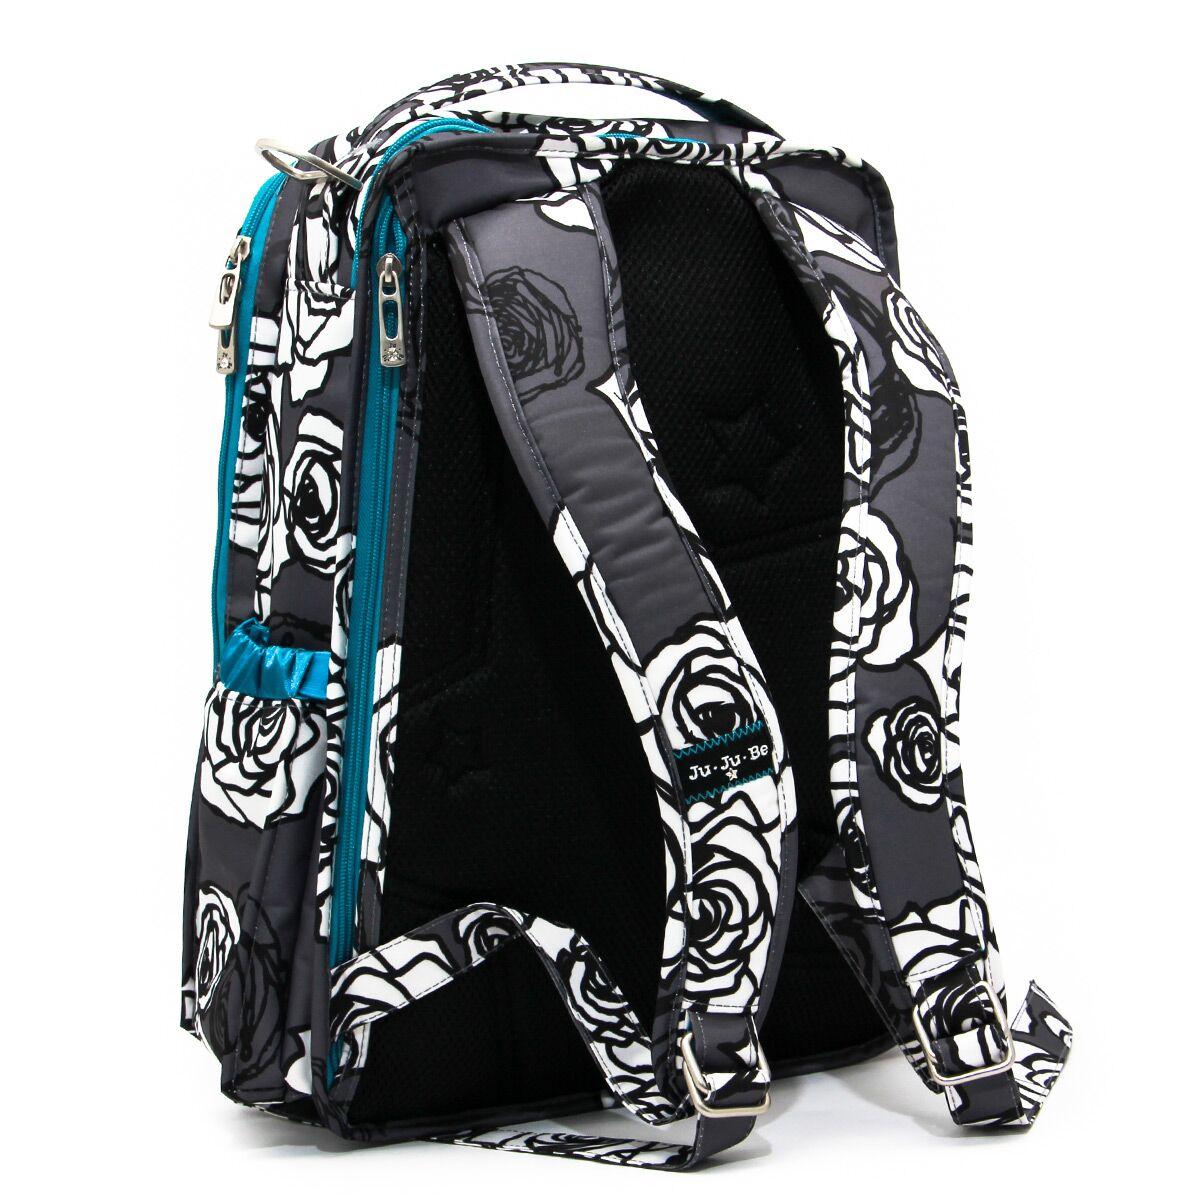 Рюкзак для мамы Ju-Ju-Be - Be Right Back, Charcoal Roses